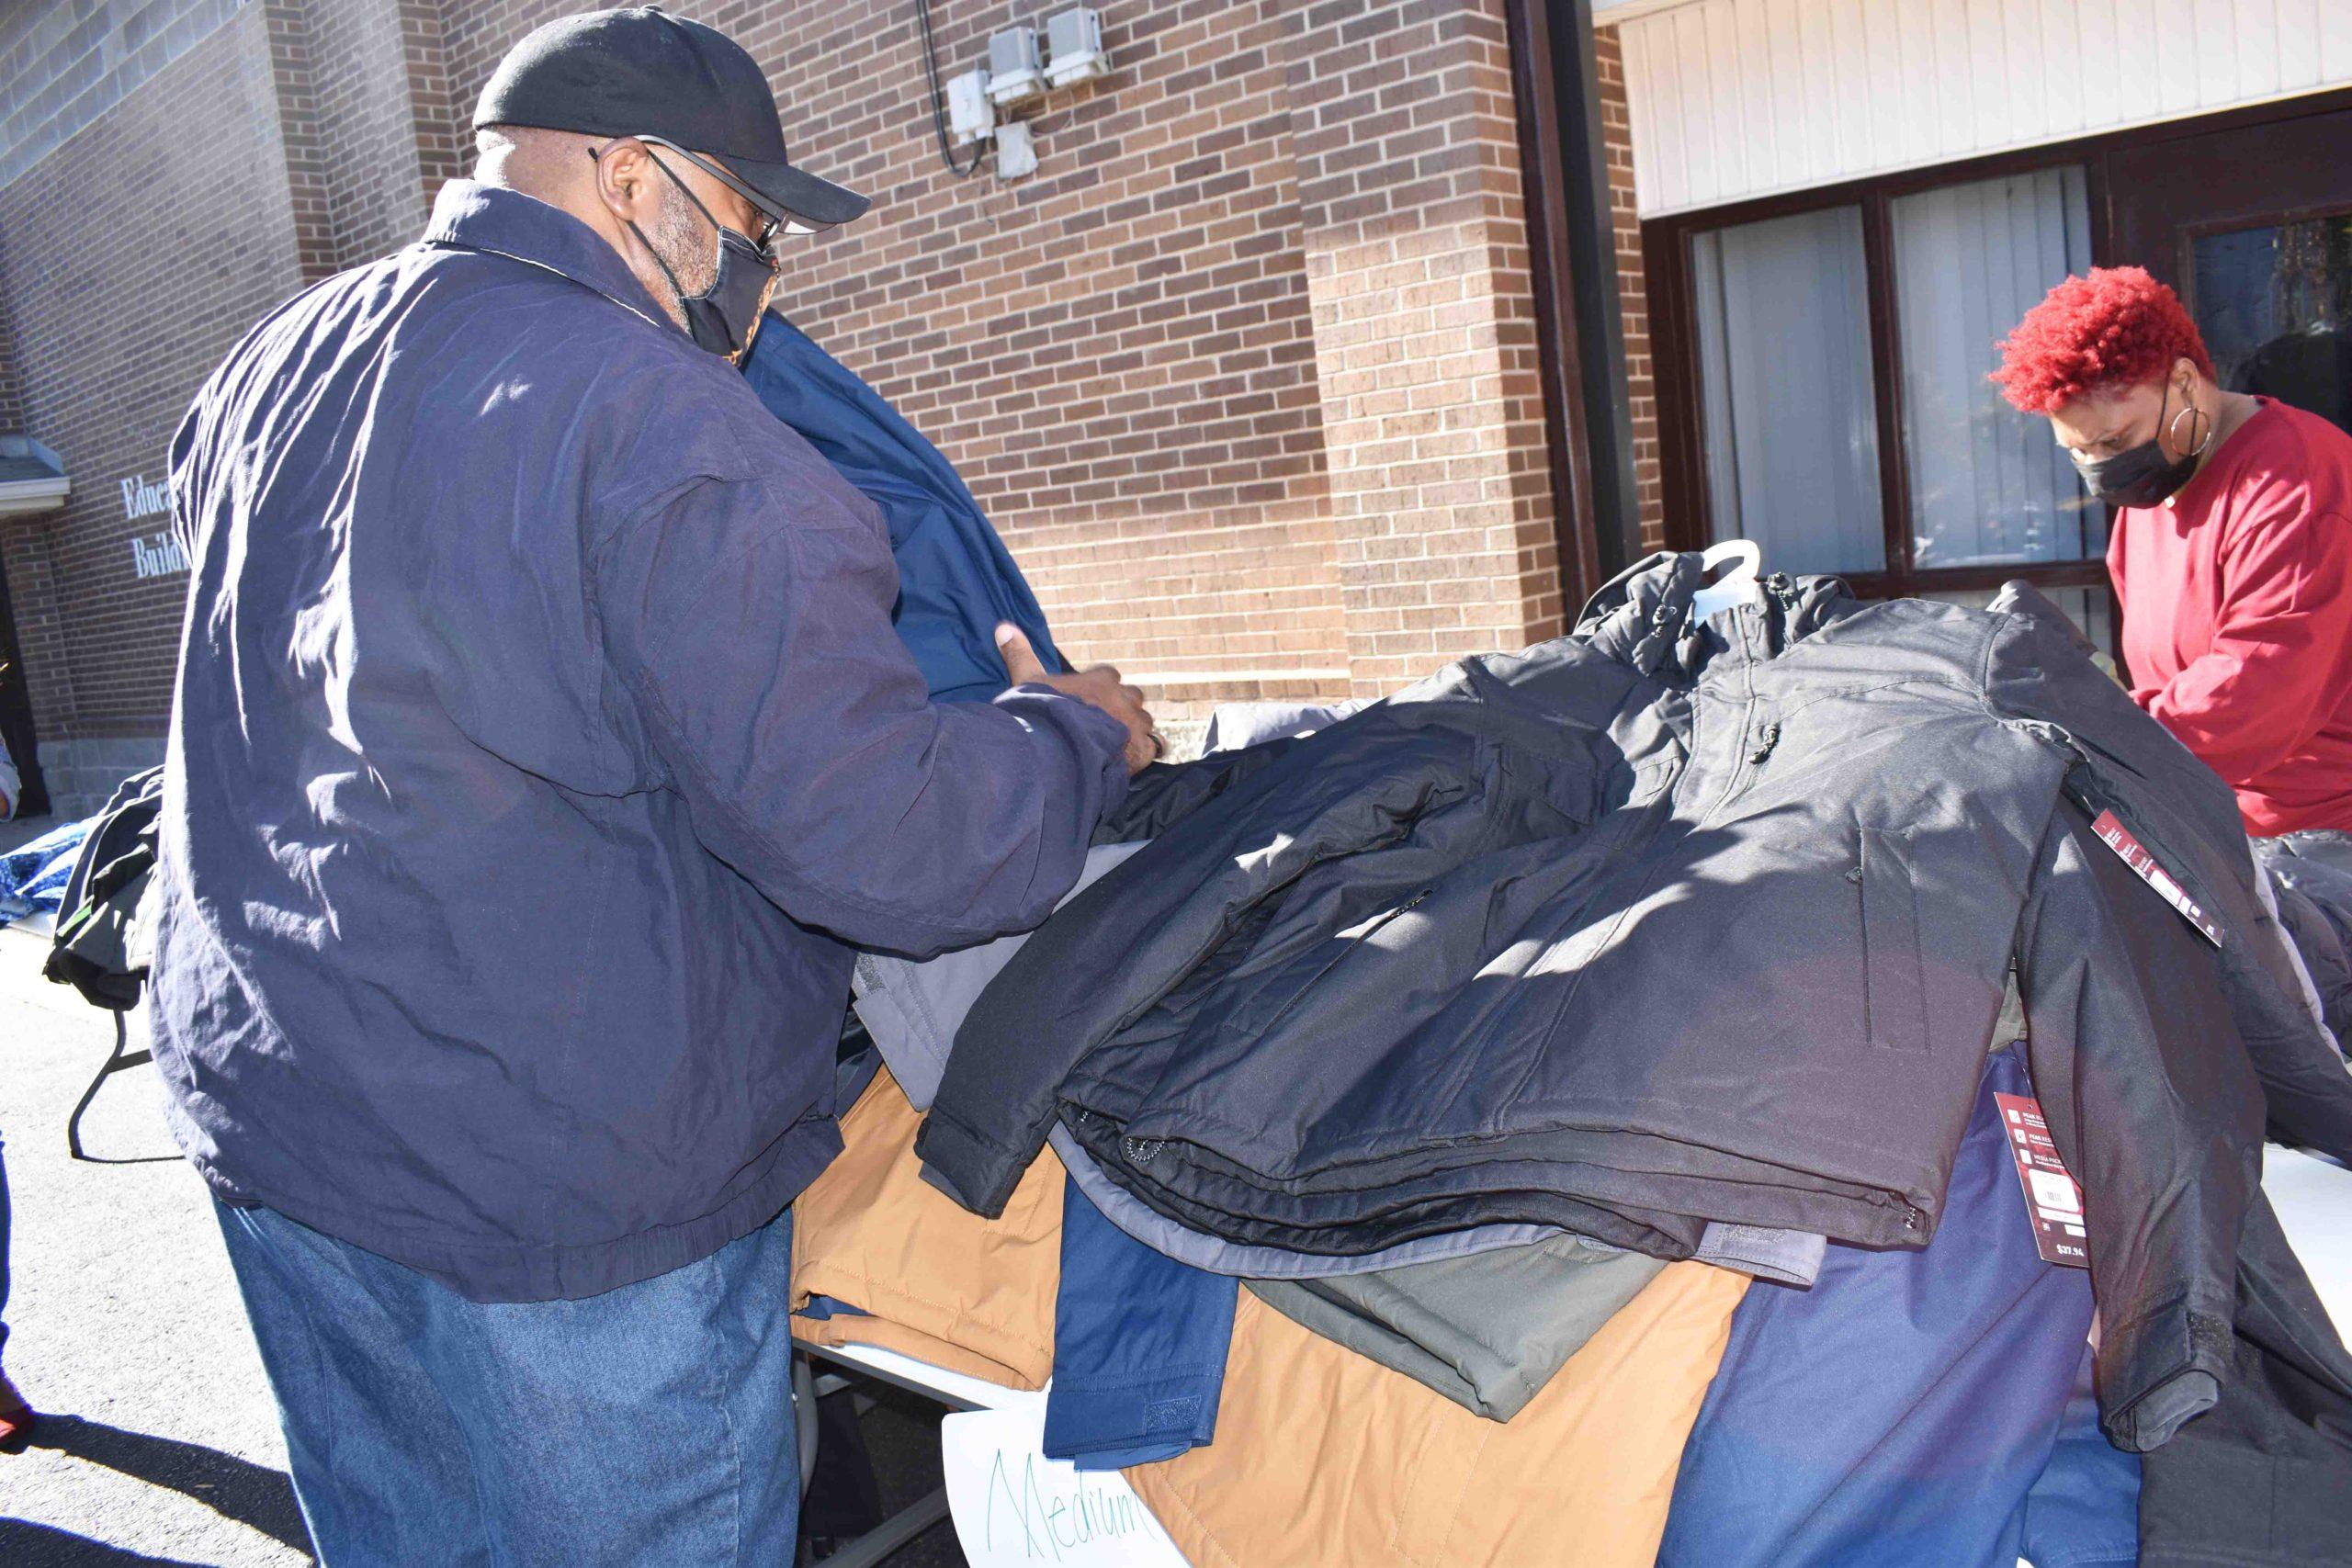 Volunteers sort coats